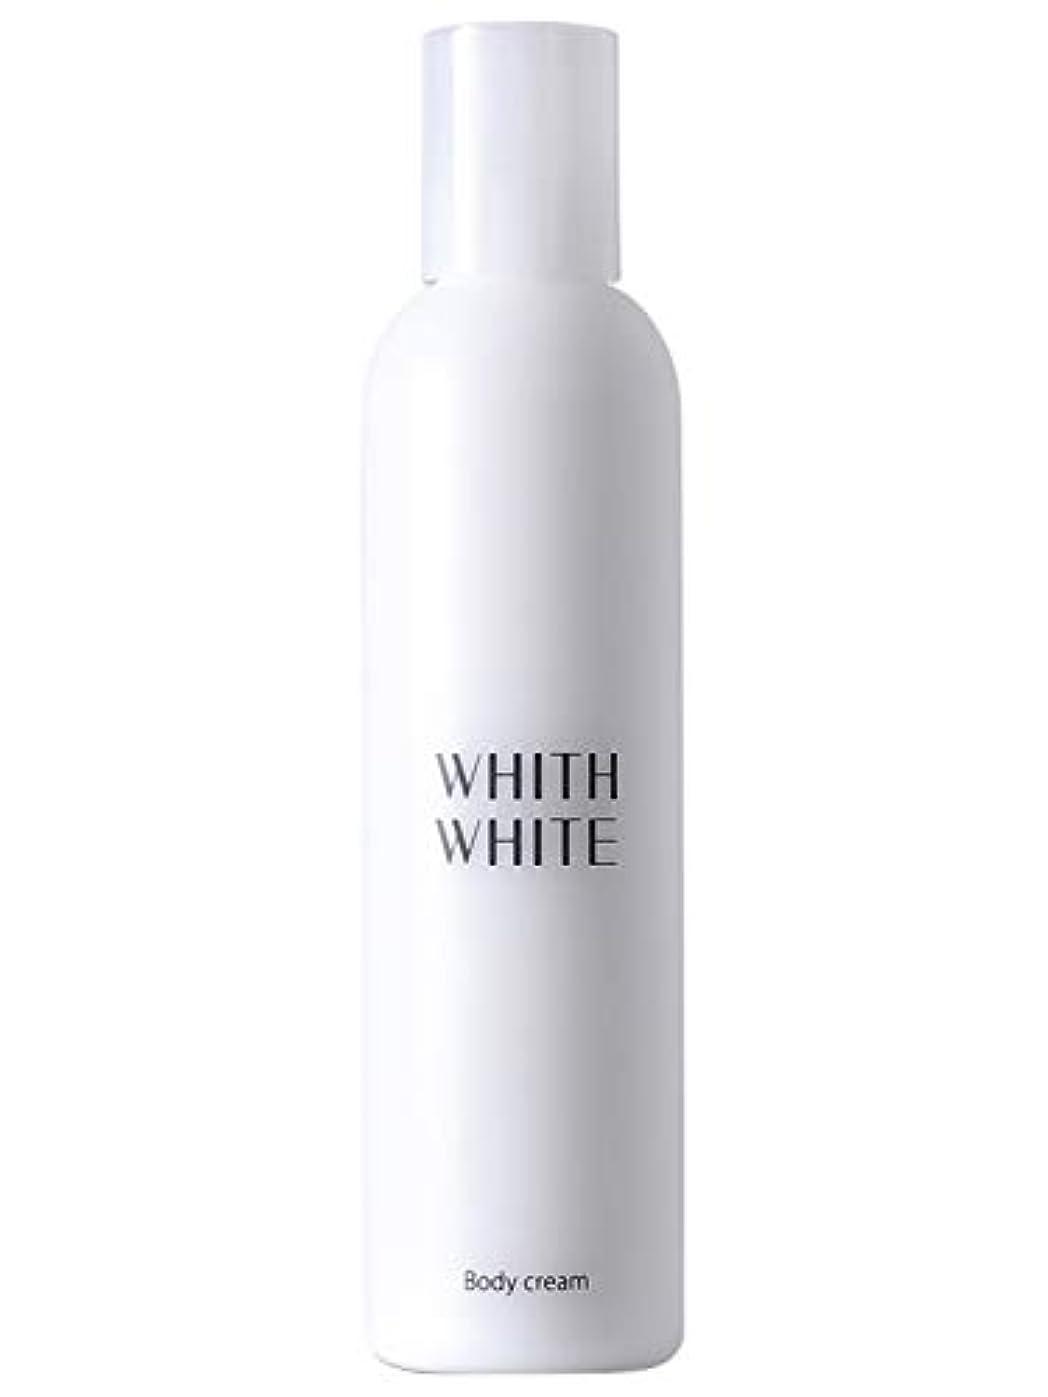 予防接種する野生鉛筆フィス ホワイト 保湿 ボディクリーム 「顔 かかと 全身 乾燥肌 しみ くすみ 用 エモリエント 保湿クリーム 」200g